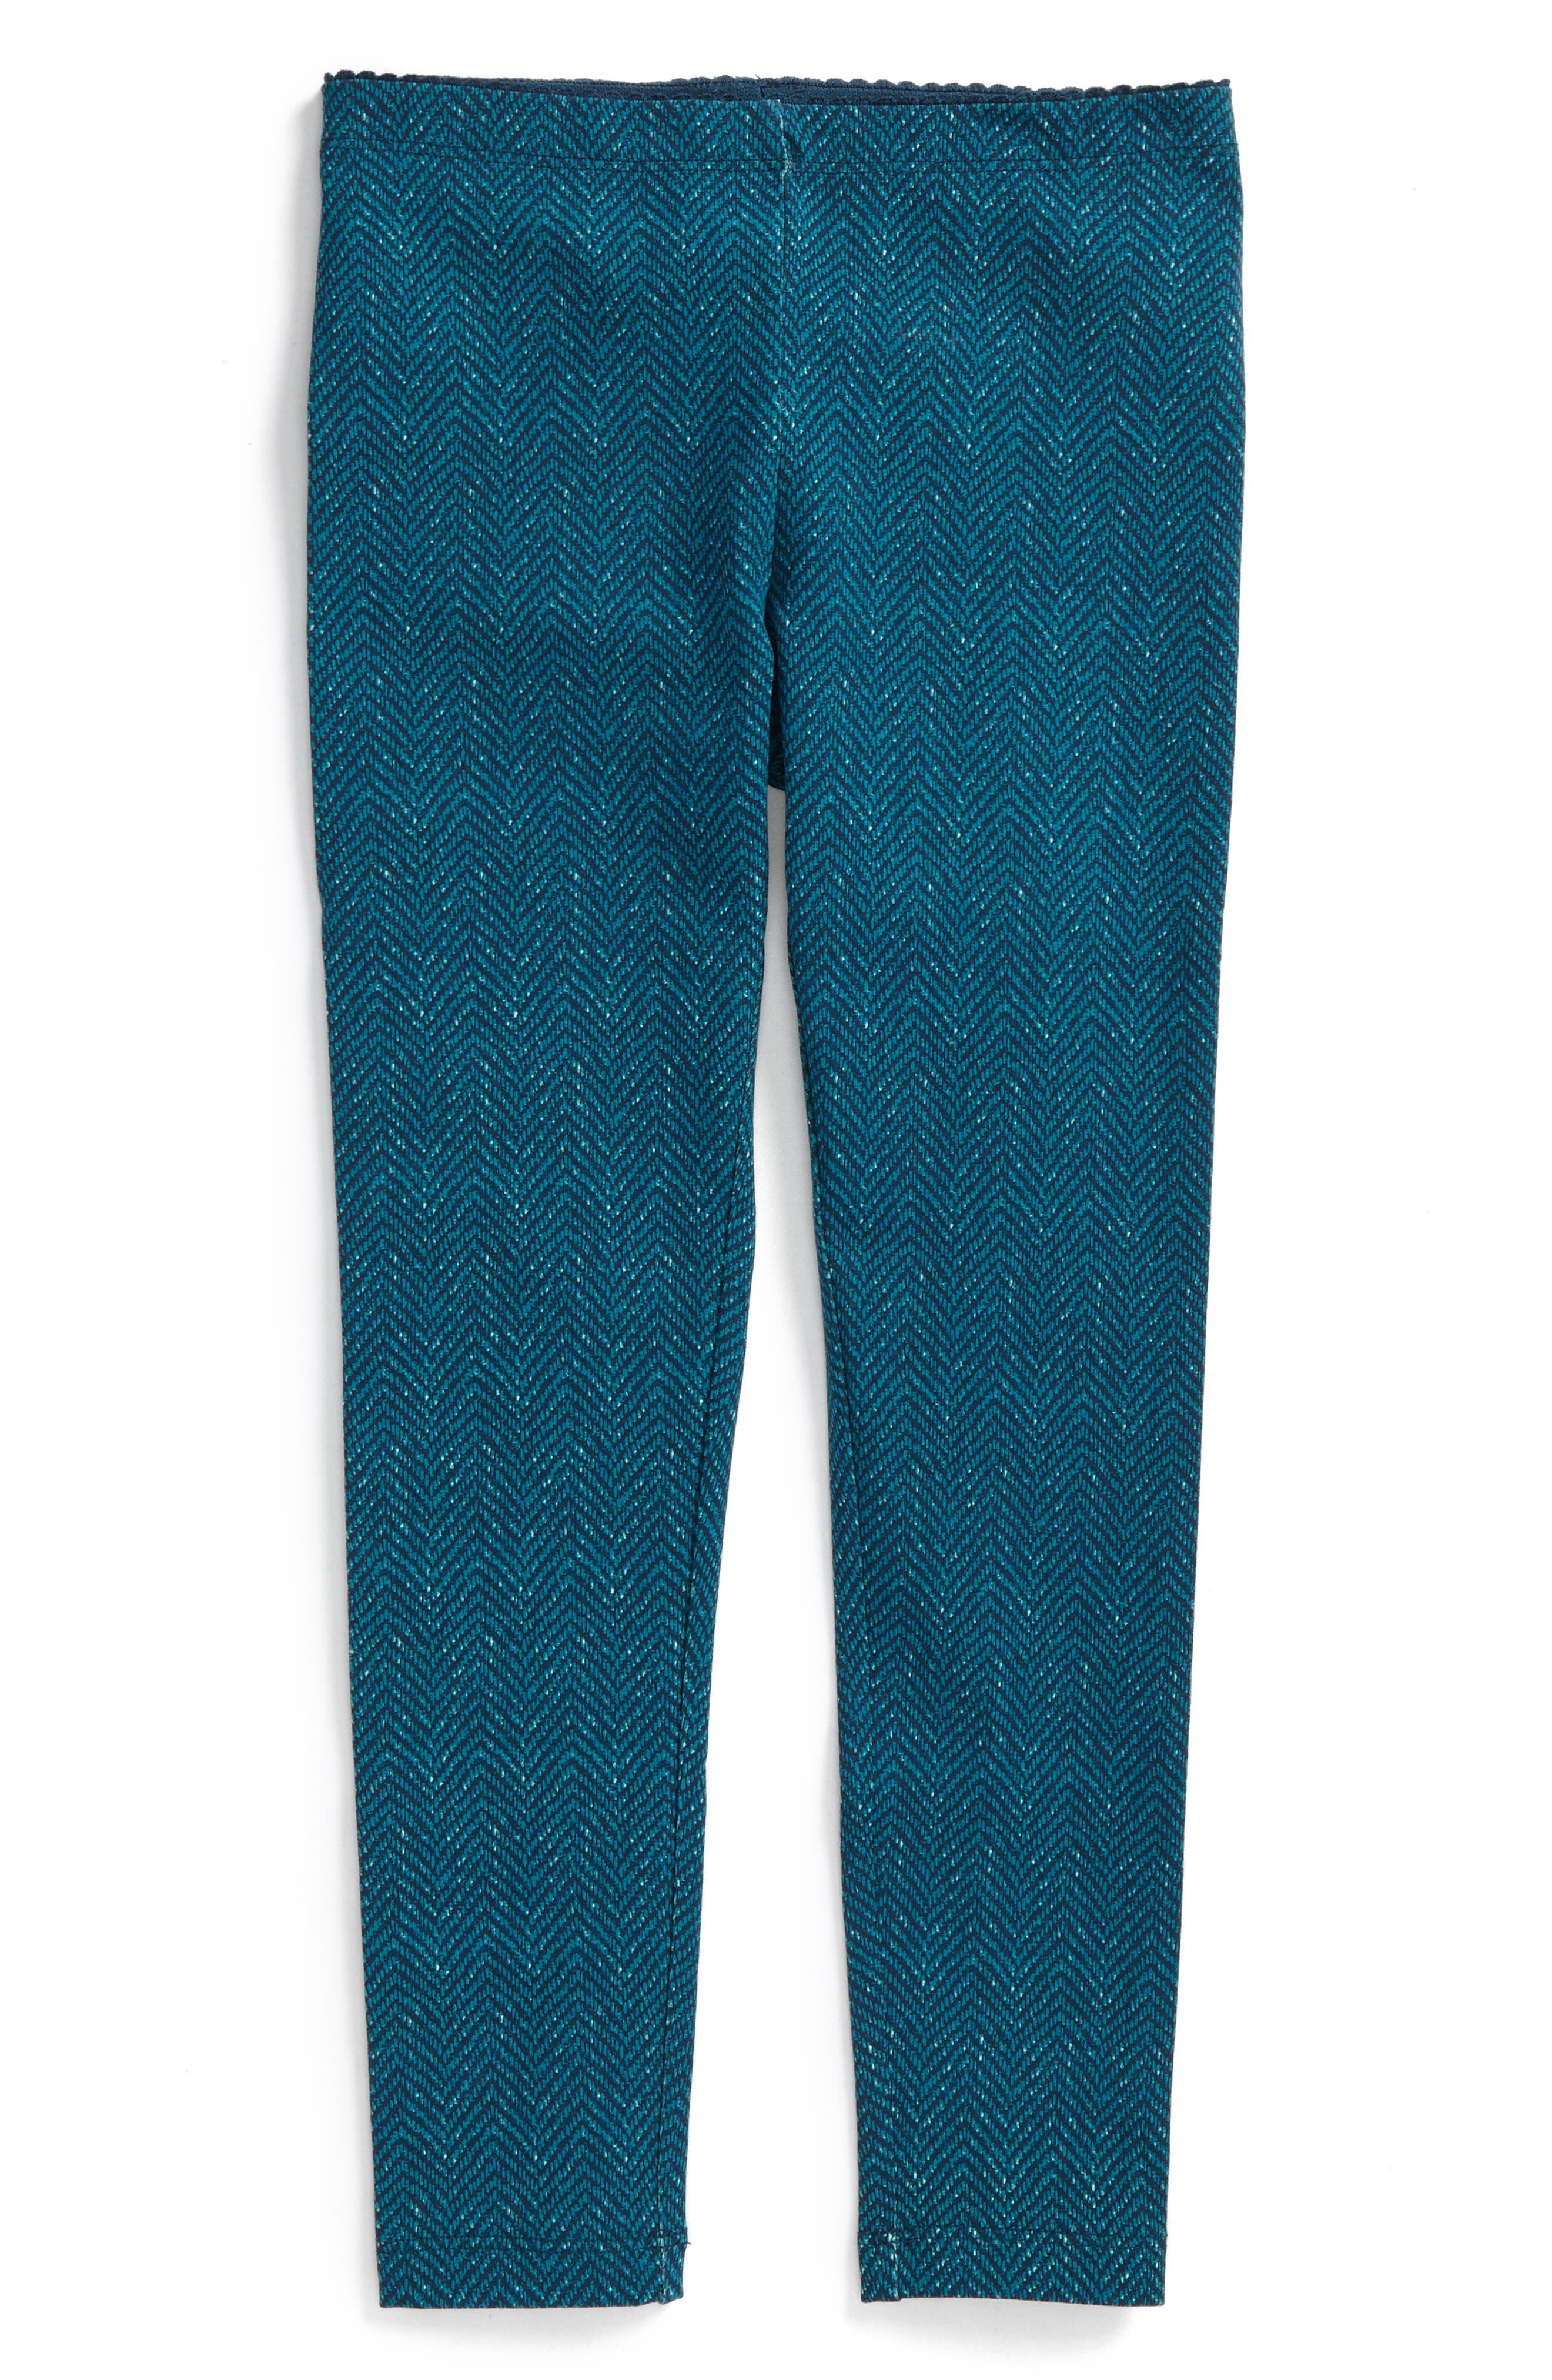 Tweed Print Leggings,                         Main,                         color, River Green